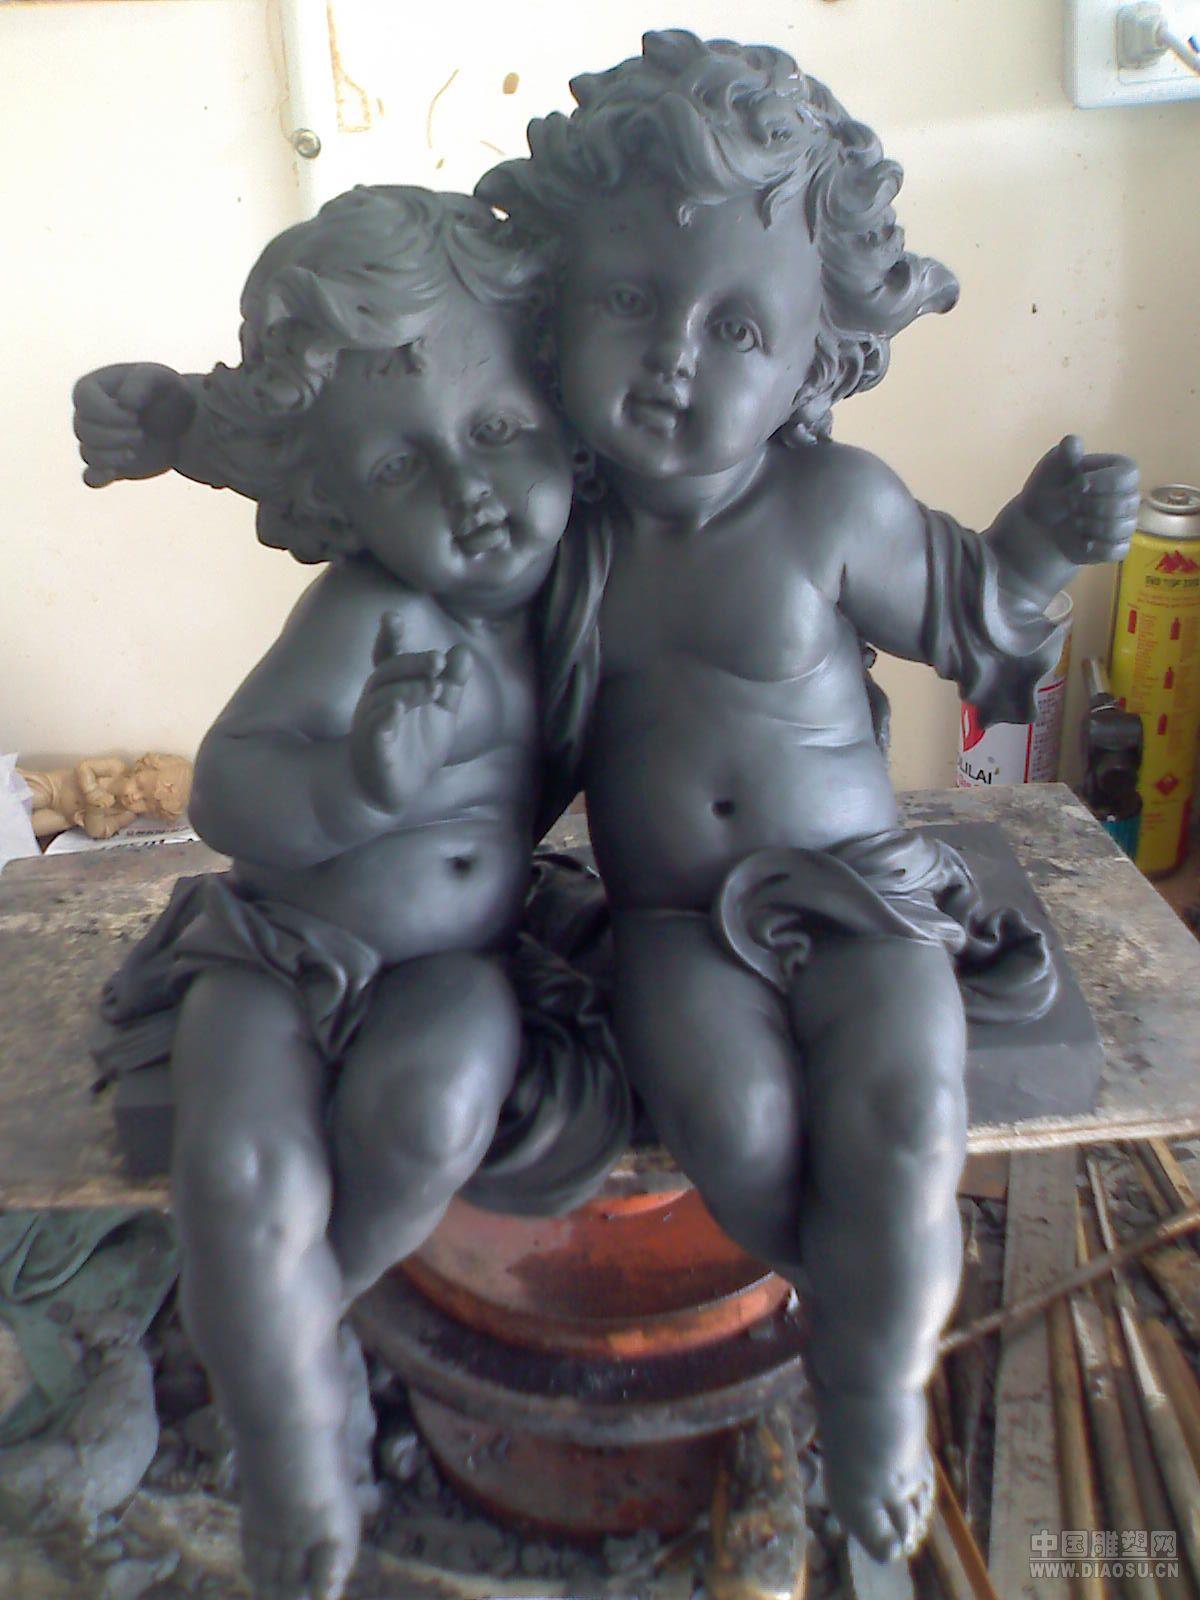 丘比特的圈套国语版,丘比特,丘比特恶魔,丘比特雕像高清图片